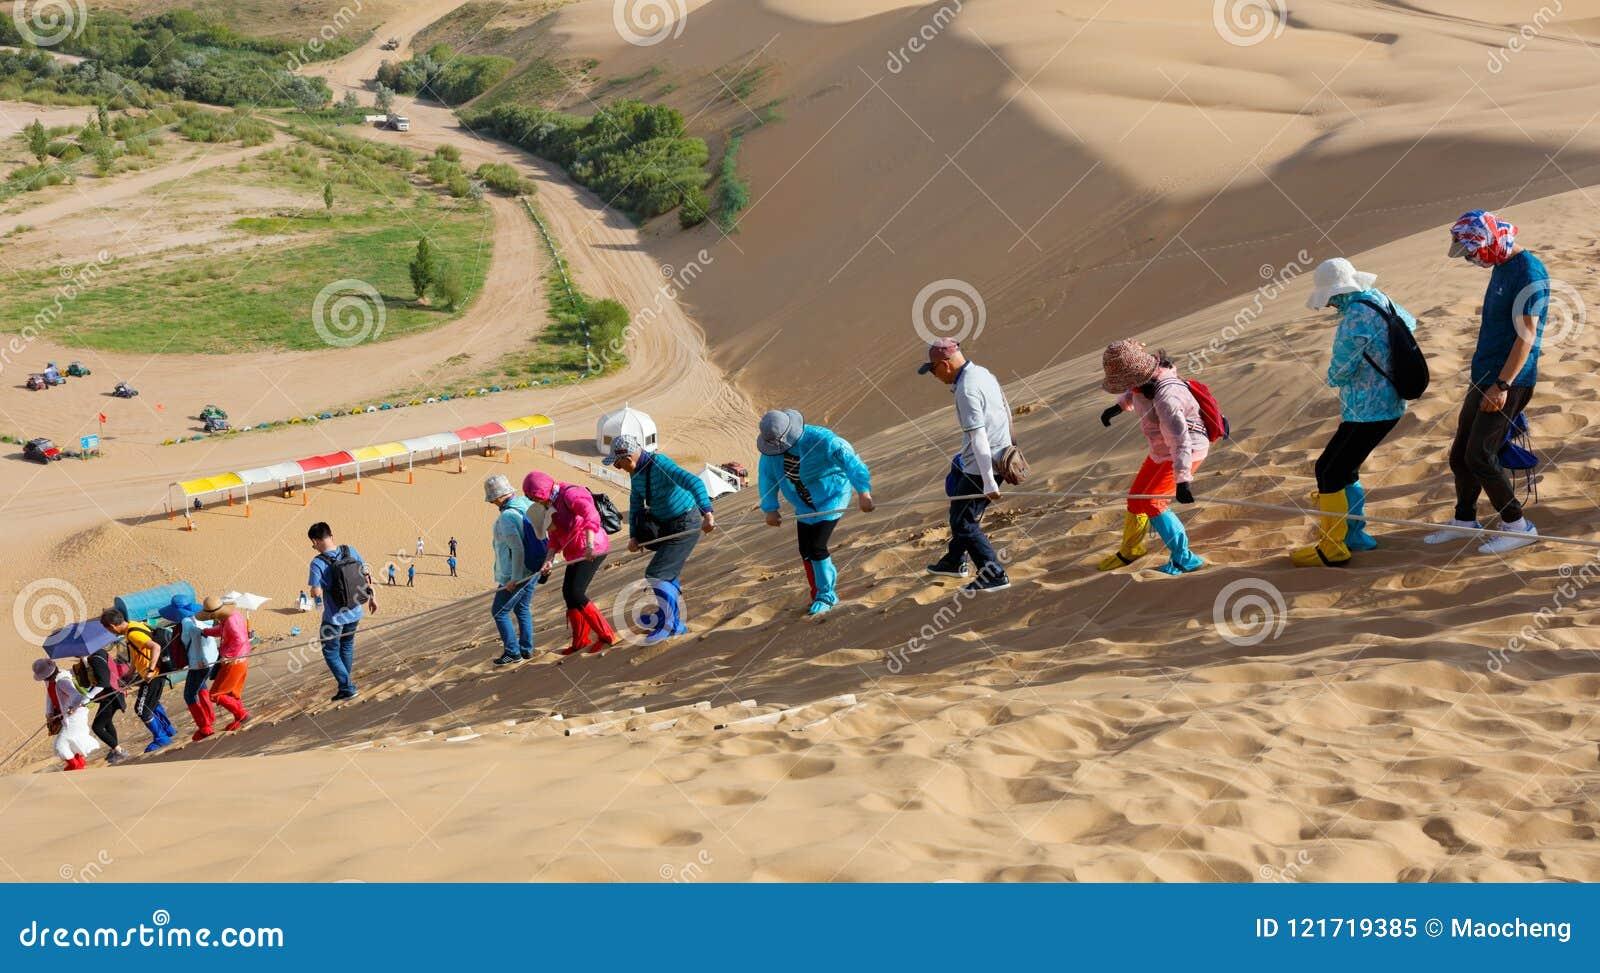 L équipe d alpinisme descend la dune de sable, image de srgb